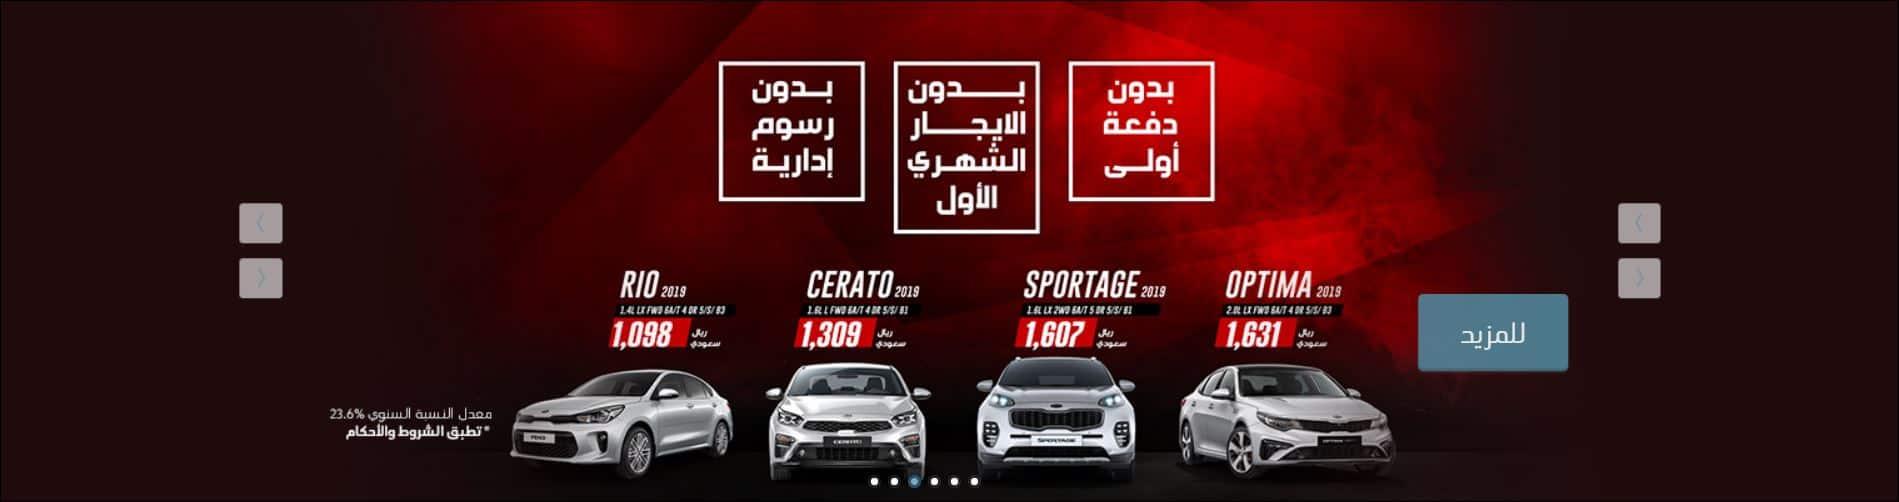 عروض السيارات في السعودية بالتقسيط من عبداللطيف الجميل سياررات ريو وسيراتو واوبتيما وسبورتاج